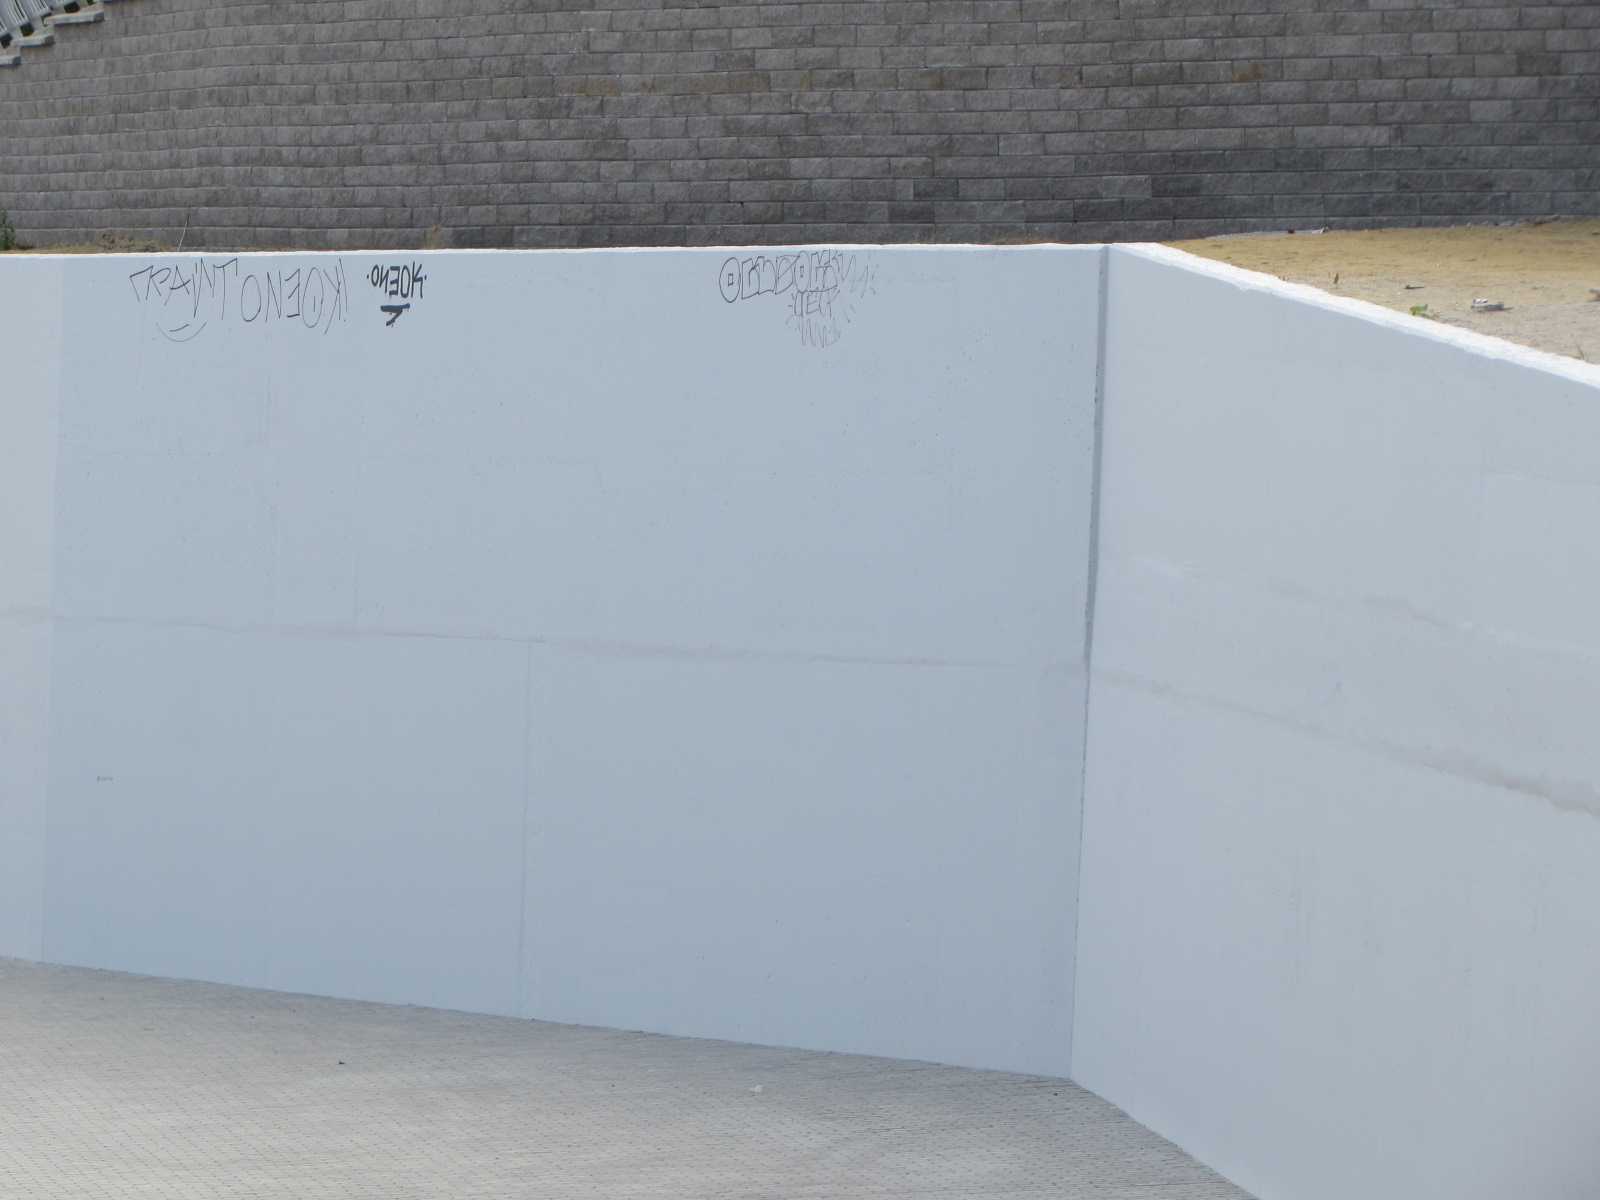 Кто-то уже успел нарисовать граффити на покрашенной стене